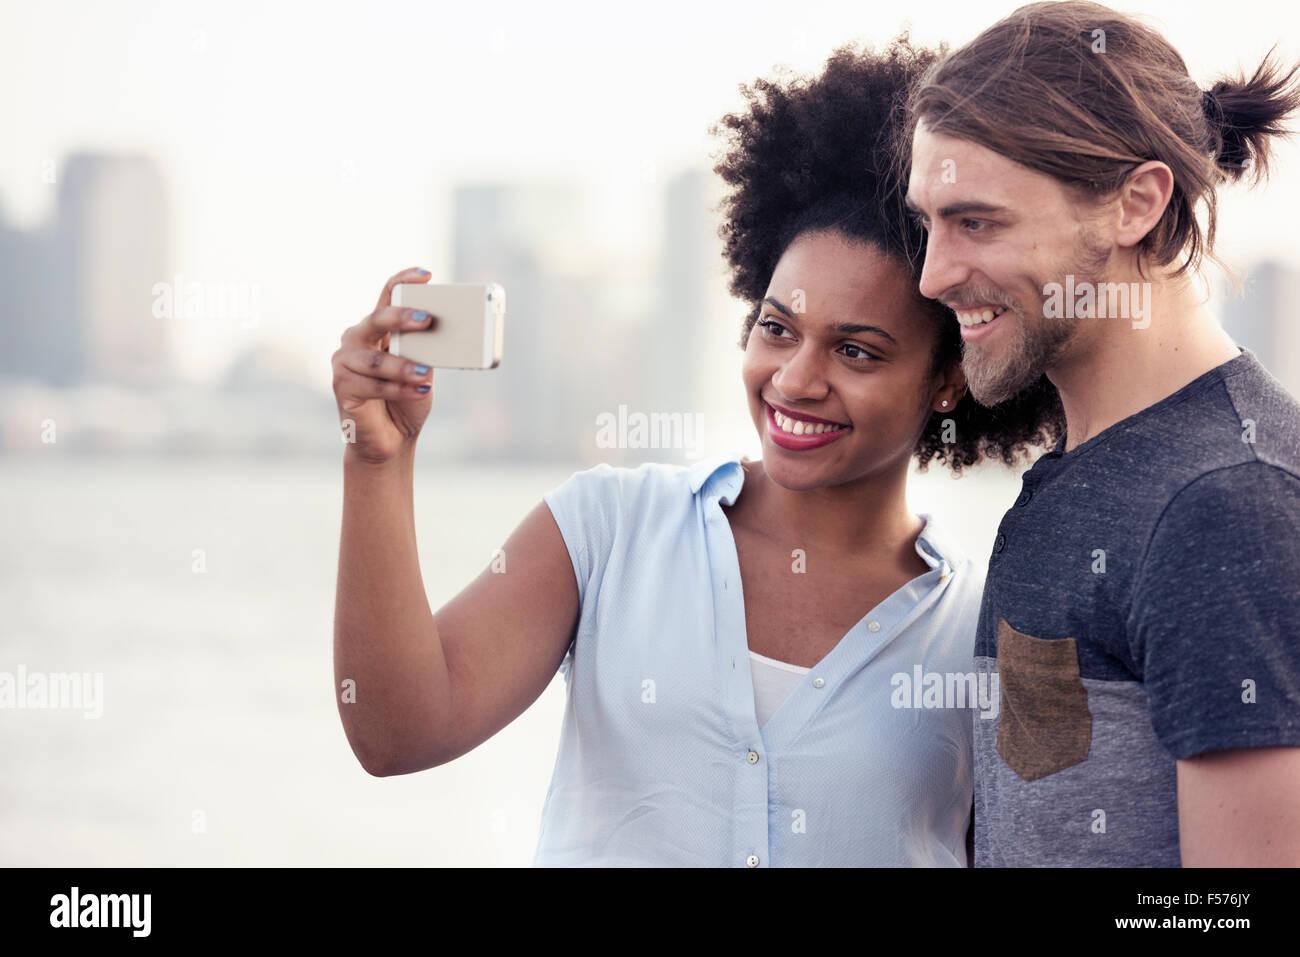 Un couple, homme et femme, en tenant une par le front de selfies dans une ville Photo Stock